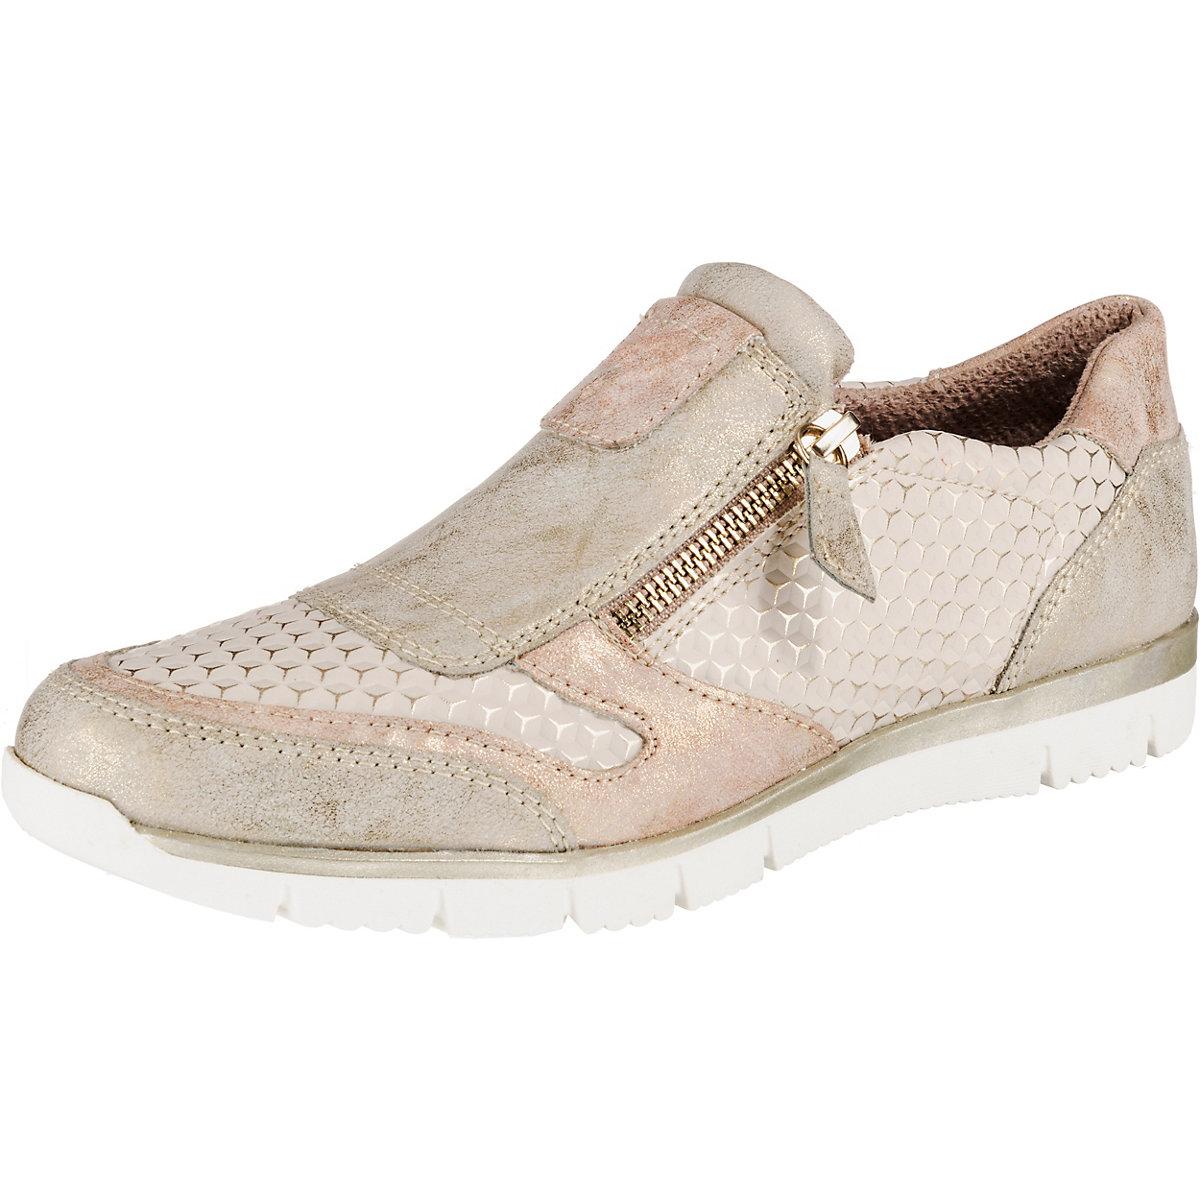 Relife, Klassische Slipper, beige  Gute Qualität beliebte Schuhe